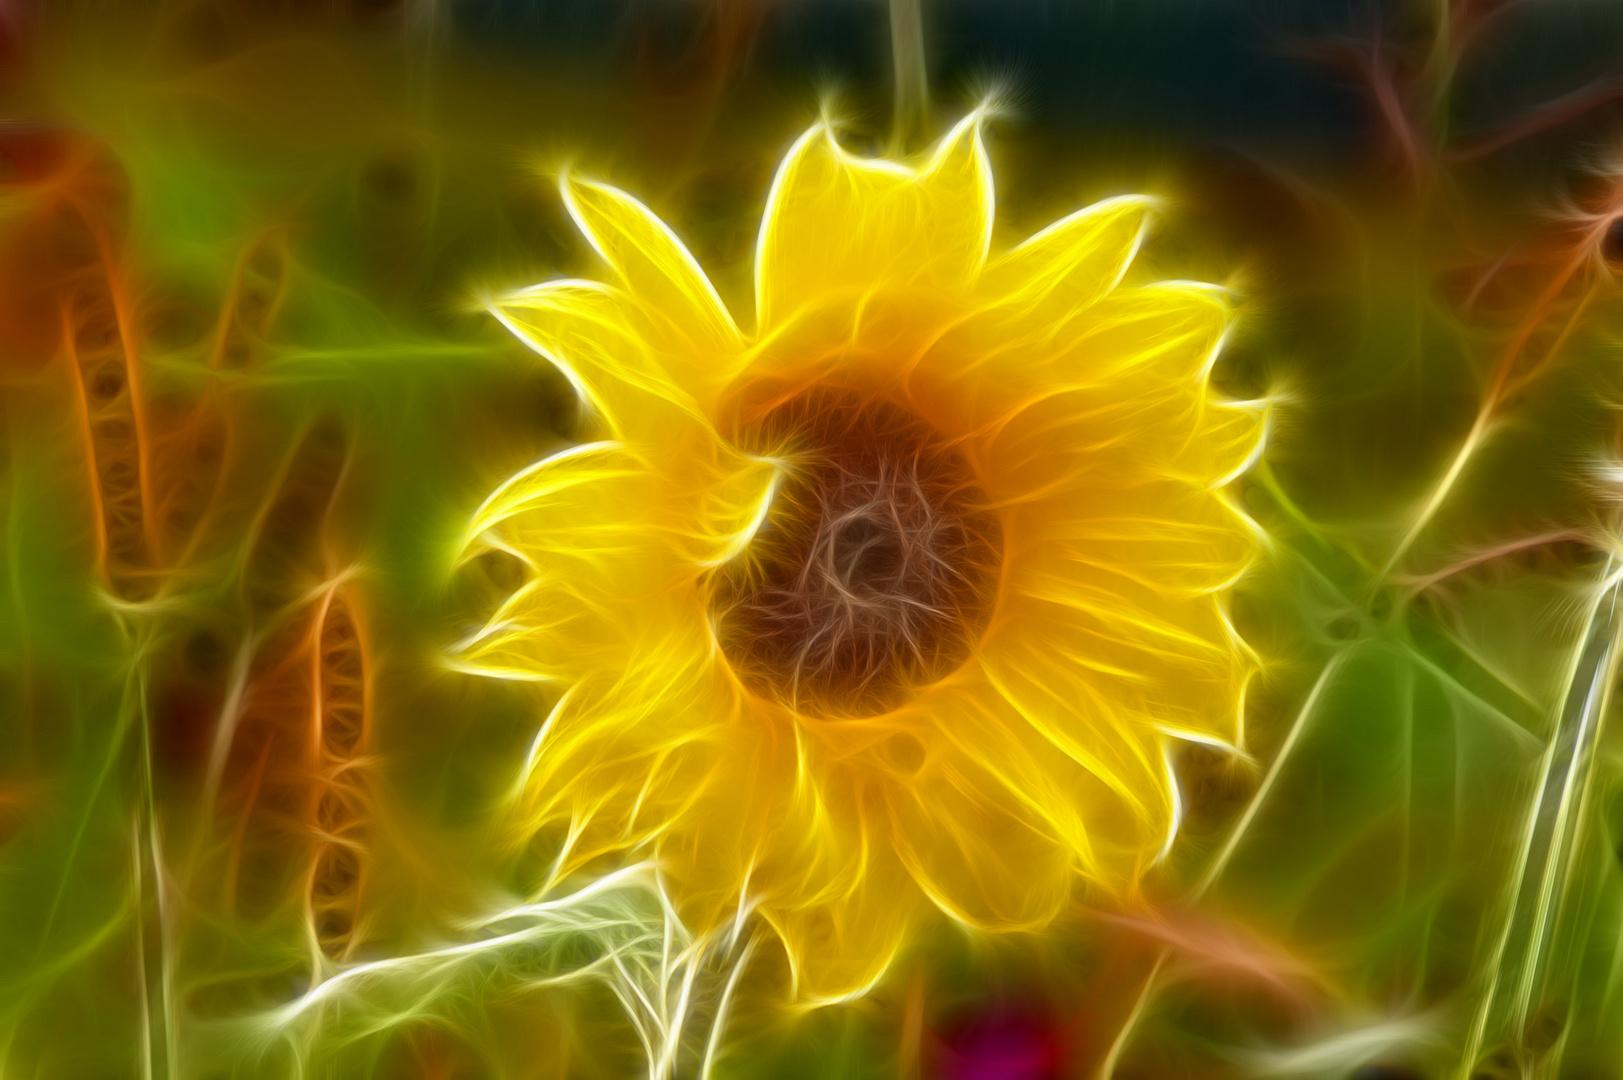 Sonnenblume a la Fractalius